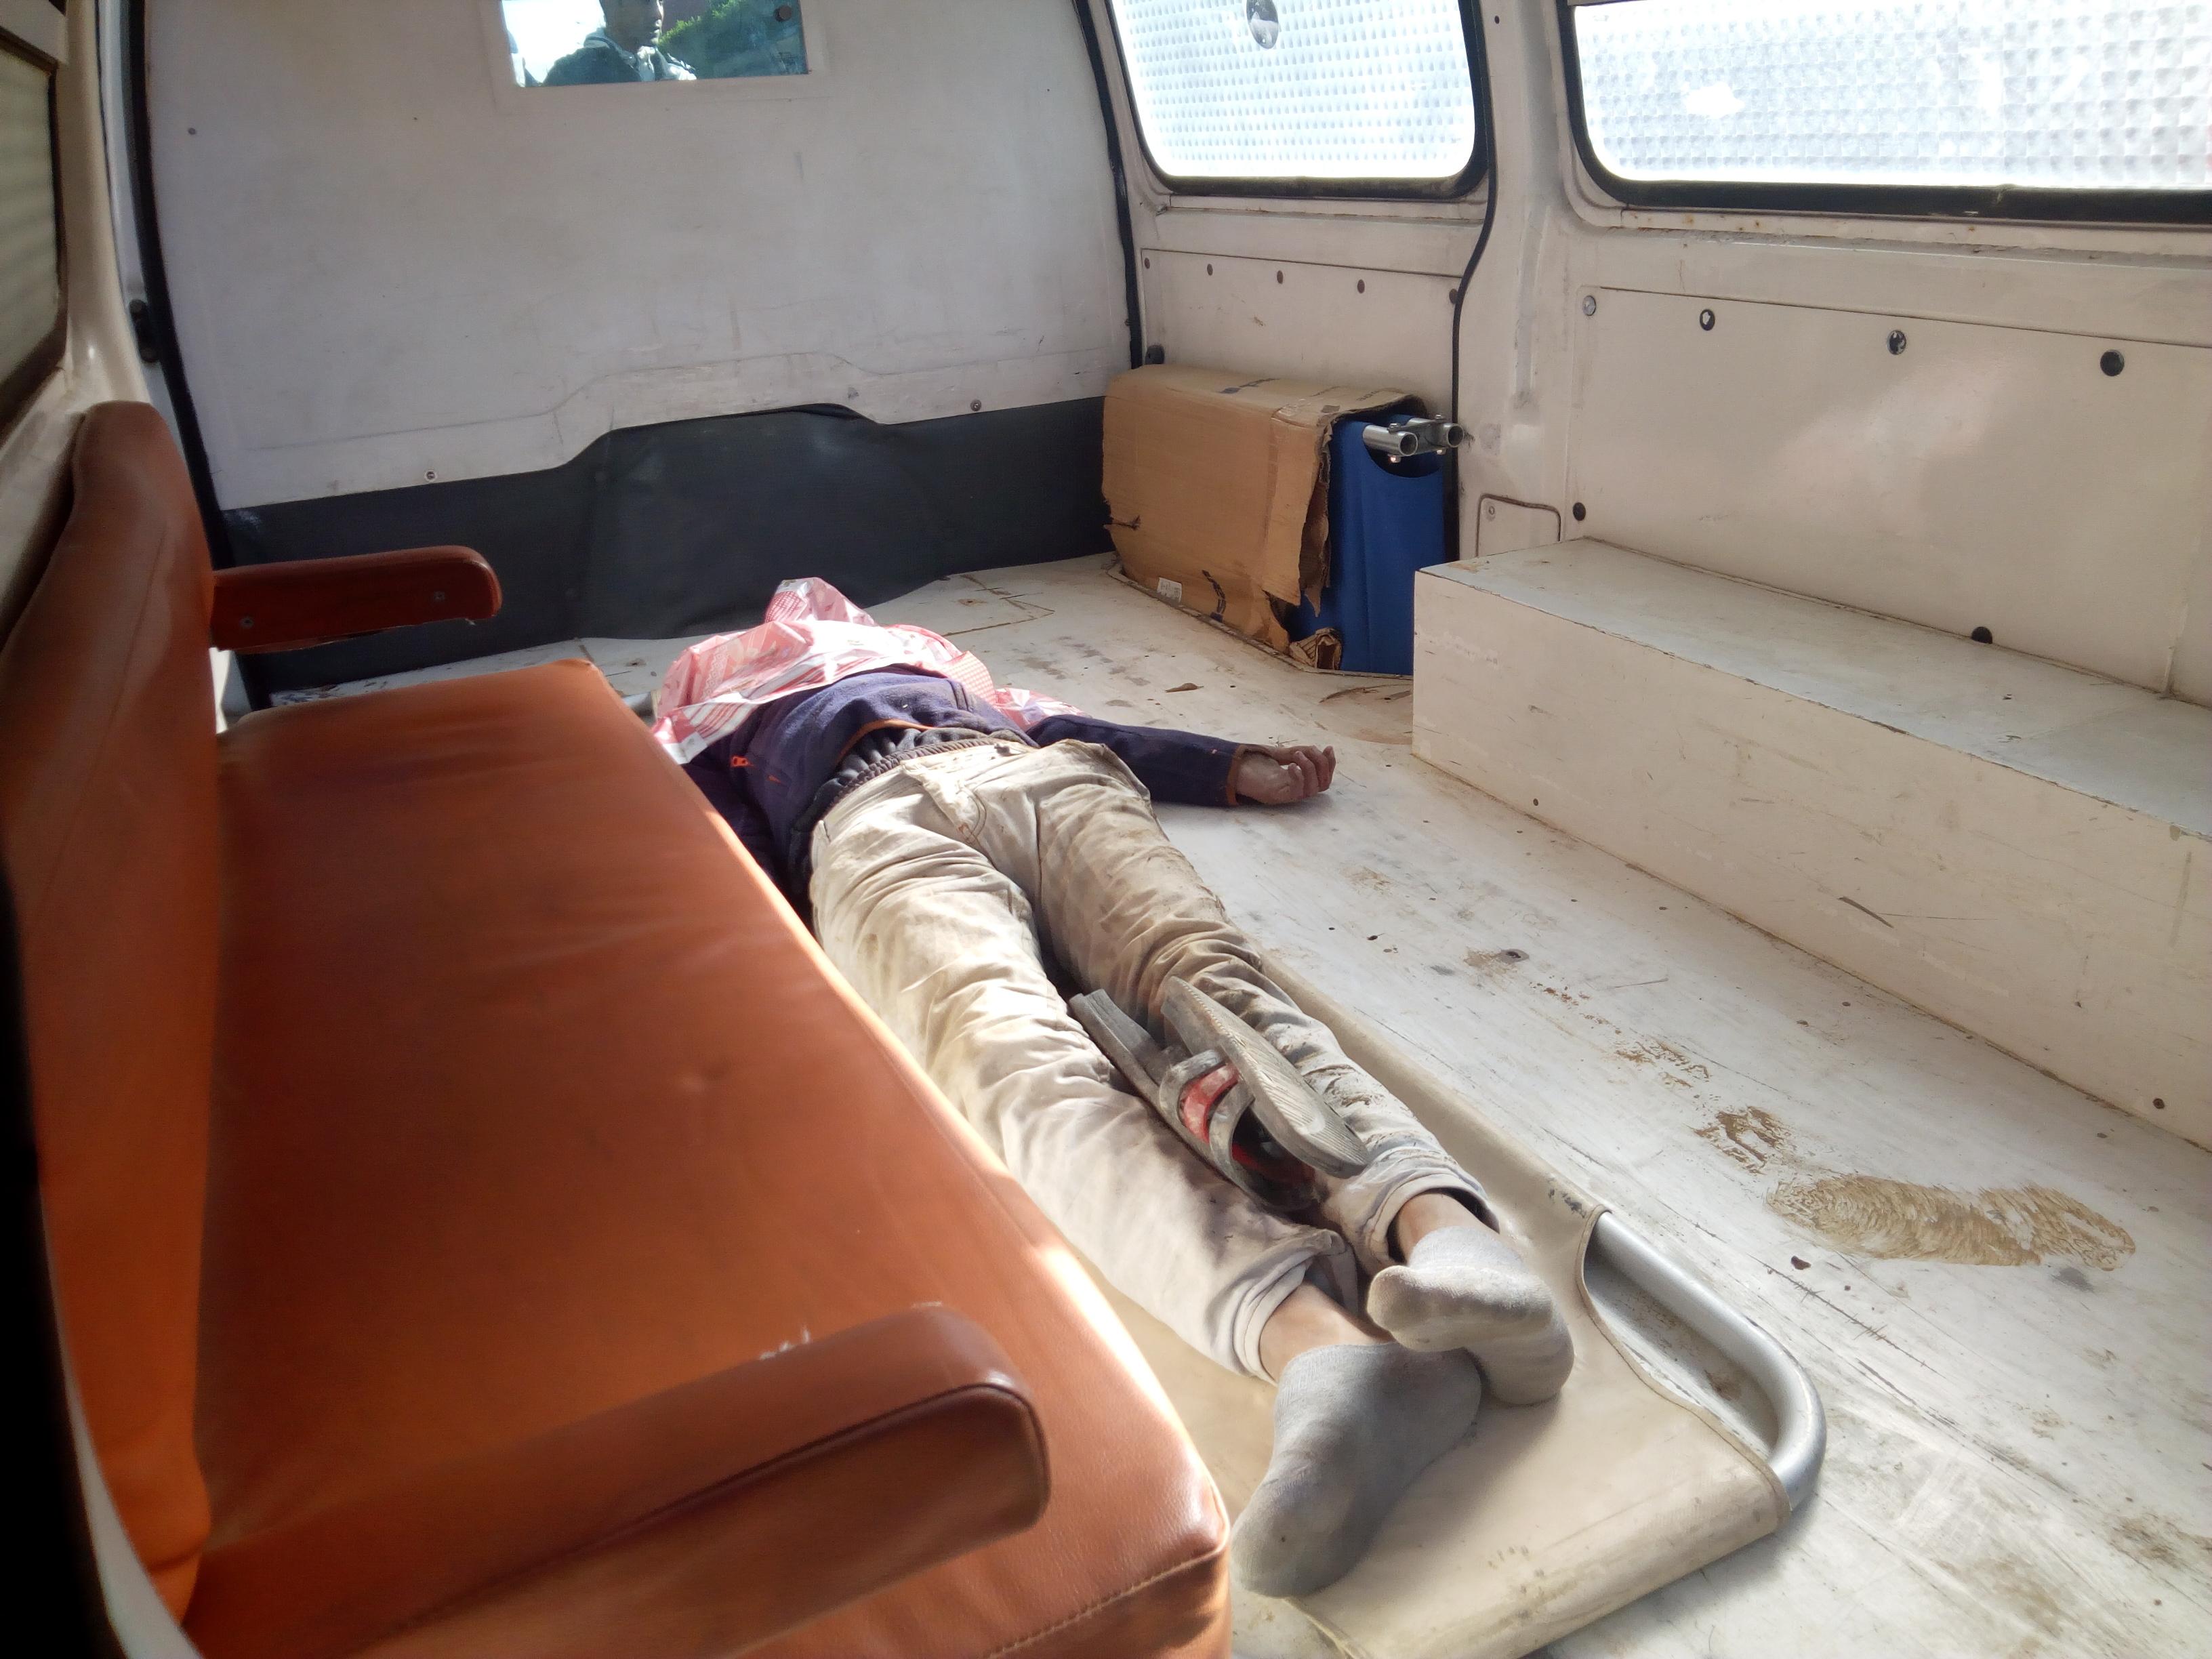 عاجل : وفاة قاصر بعد محاولة للهجرة السرية عبر حافلة للنقل الدولي